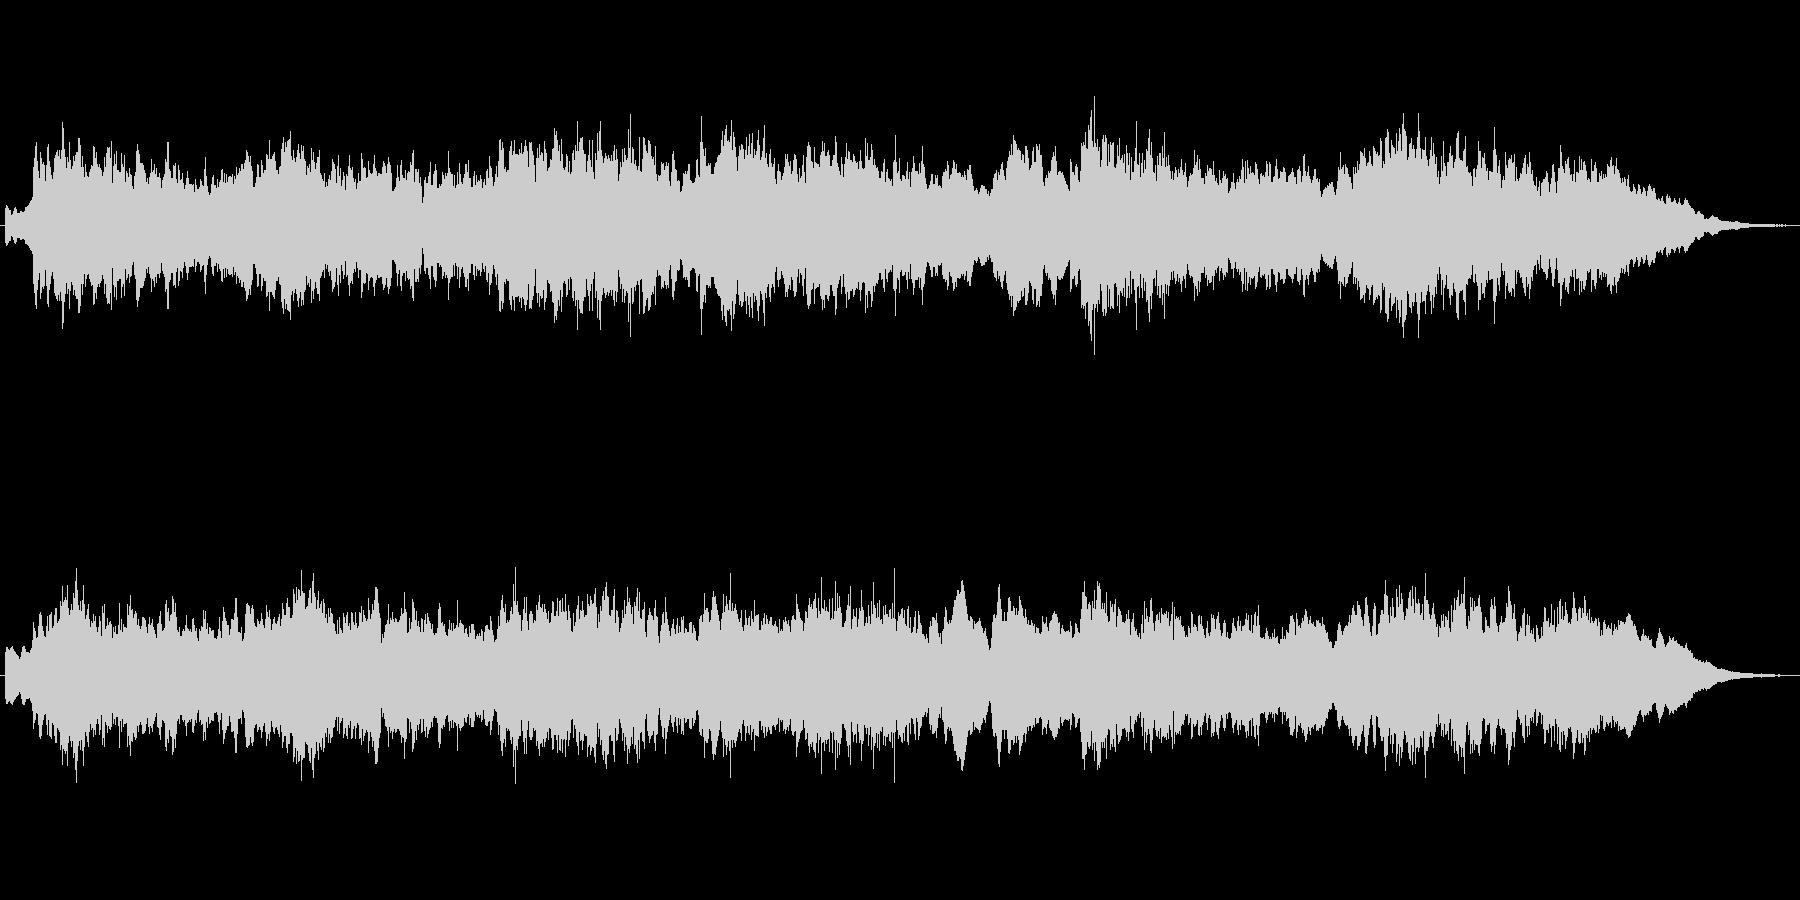 キラキラシンセのメルヘンの世界のジングルの未再生の波形